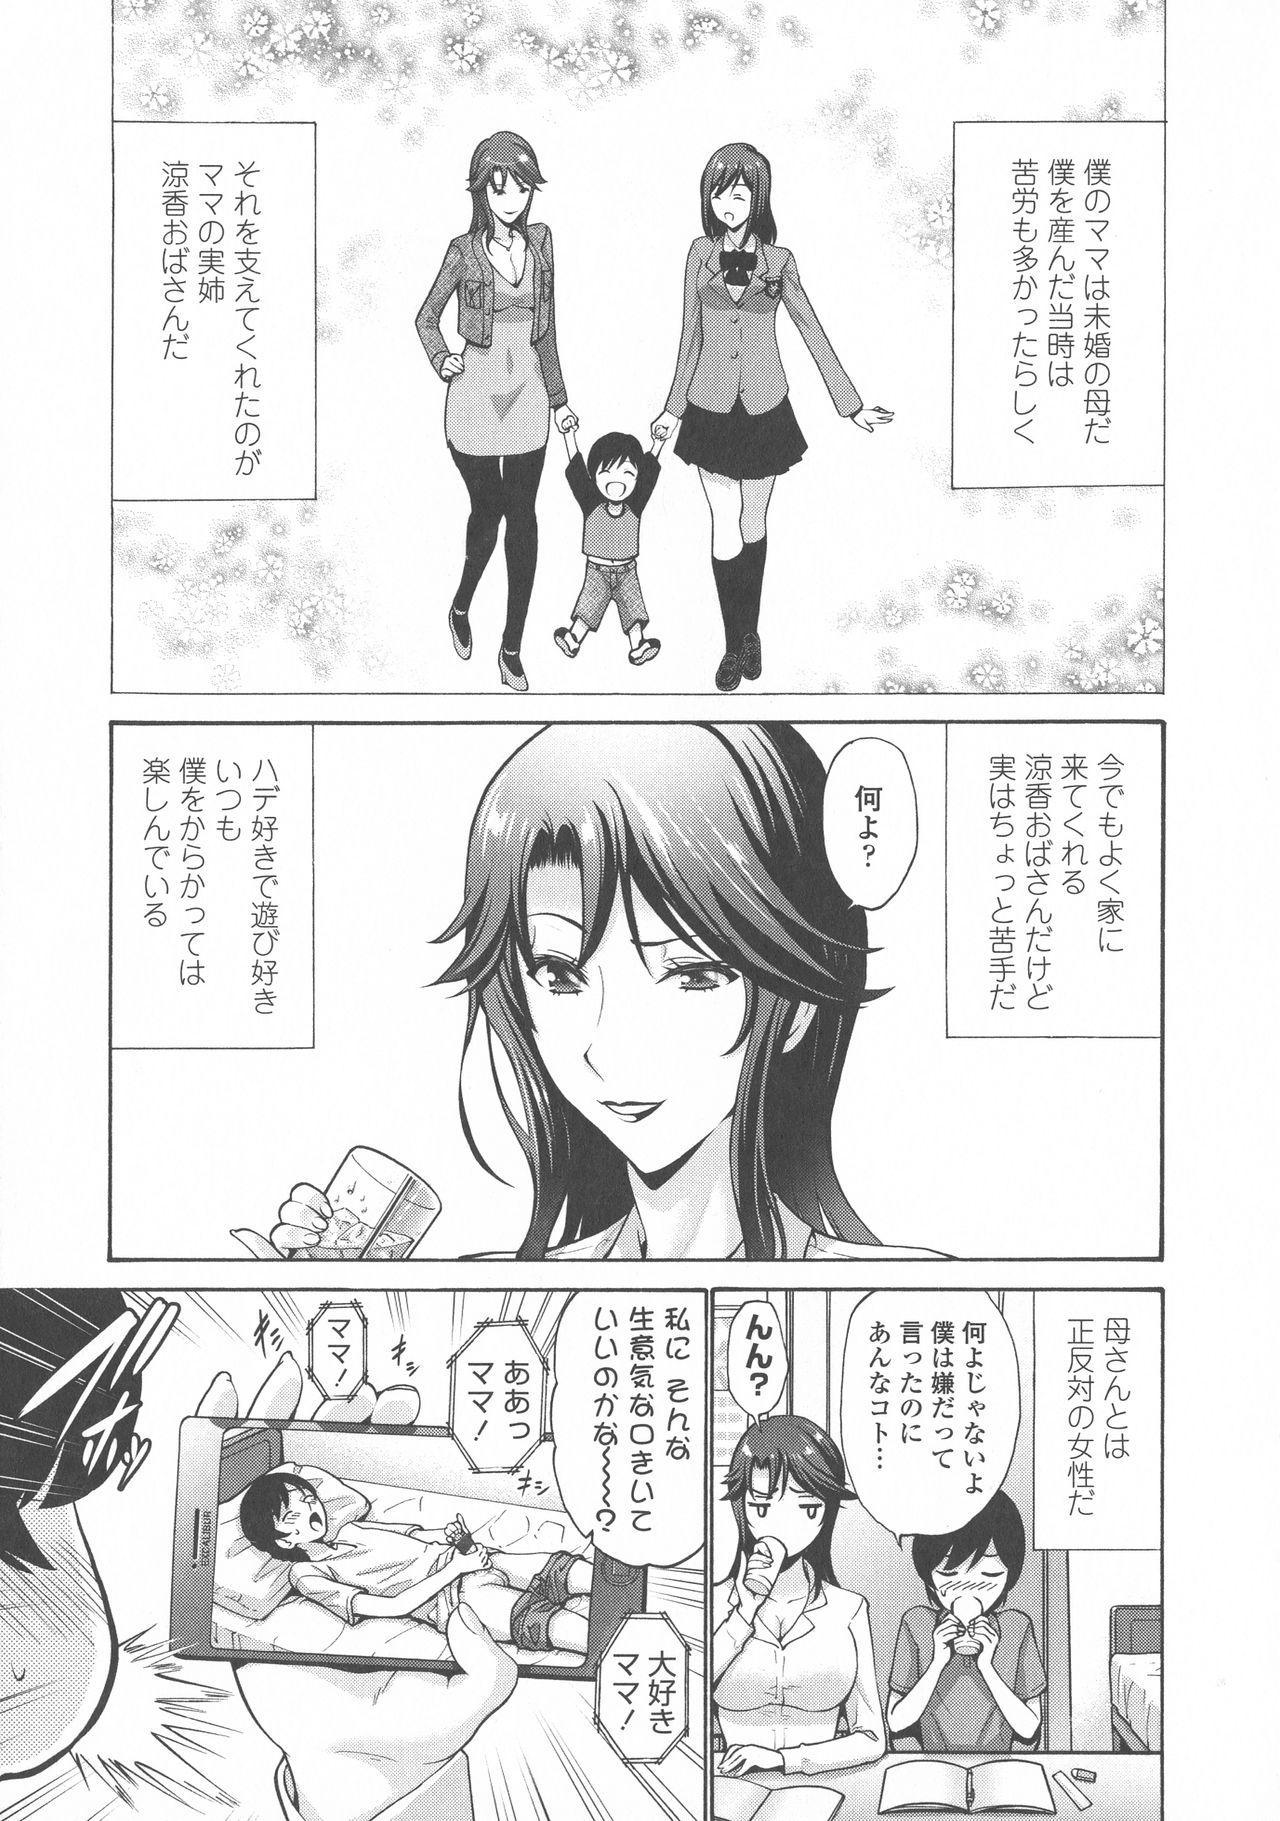 Tomodachi no Haha wa Boku no Mono - His Mother is My Love Hole 111